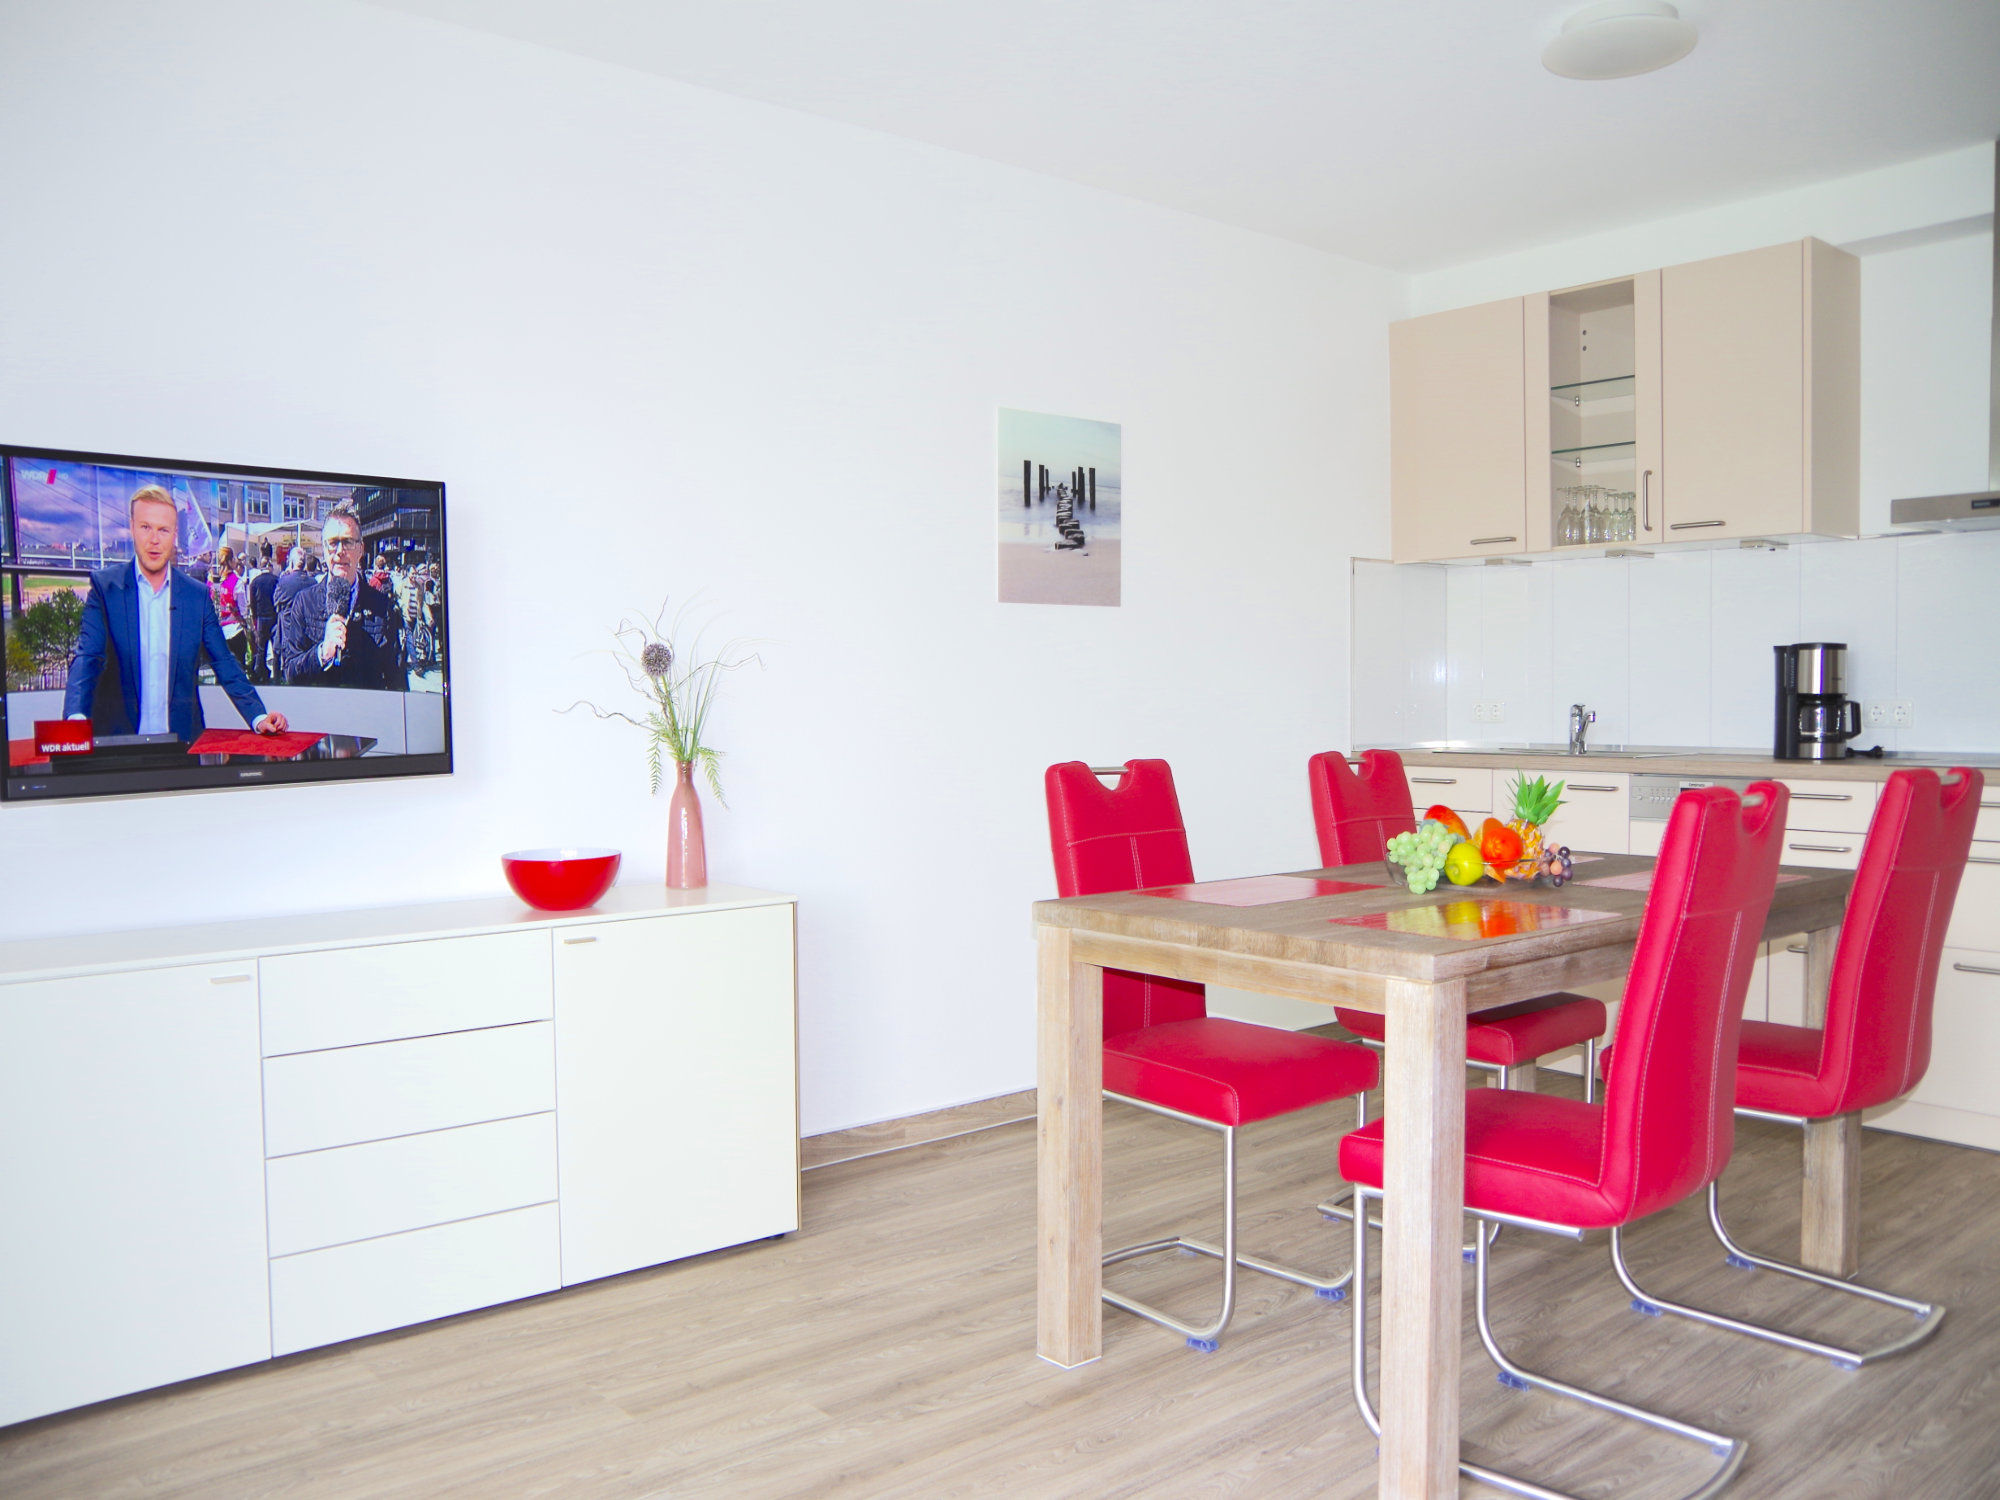 Links ist ein Sideboard mit Flatscreen TV, rechts der Esstisch mit 4 Stühlen. Dahinter ist eine moderne Küchenzeile